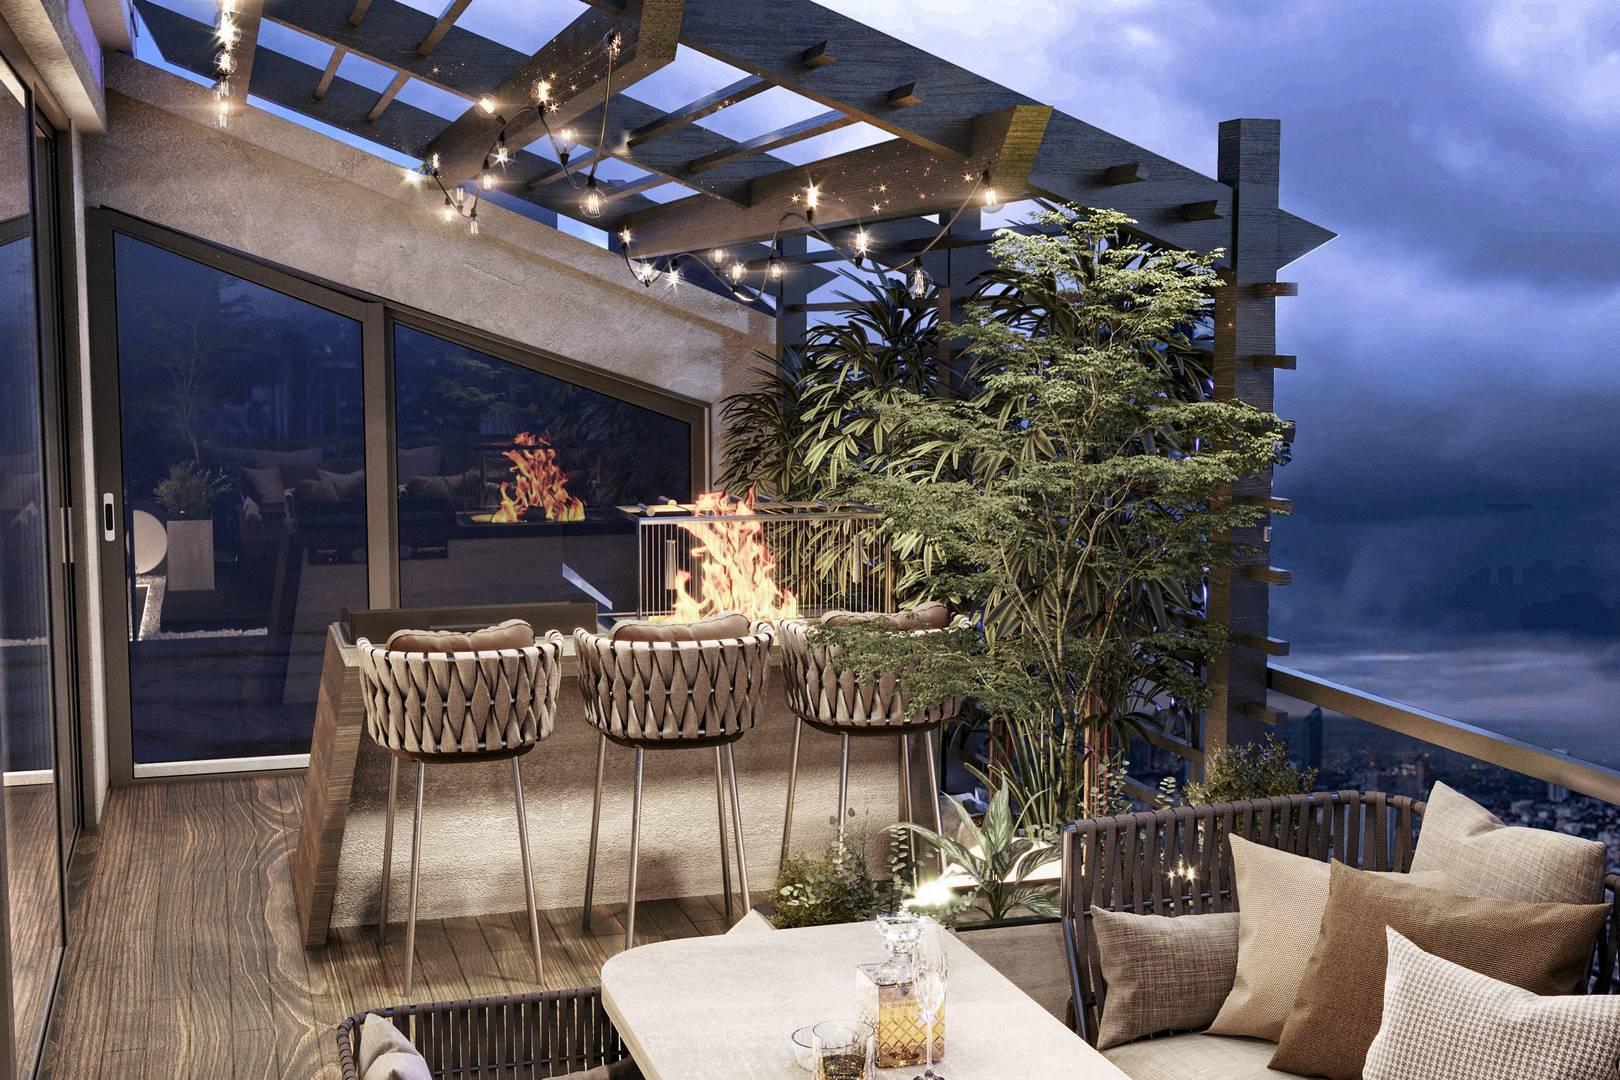 Suadiye Dublex balkon iç mimari tasarım